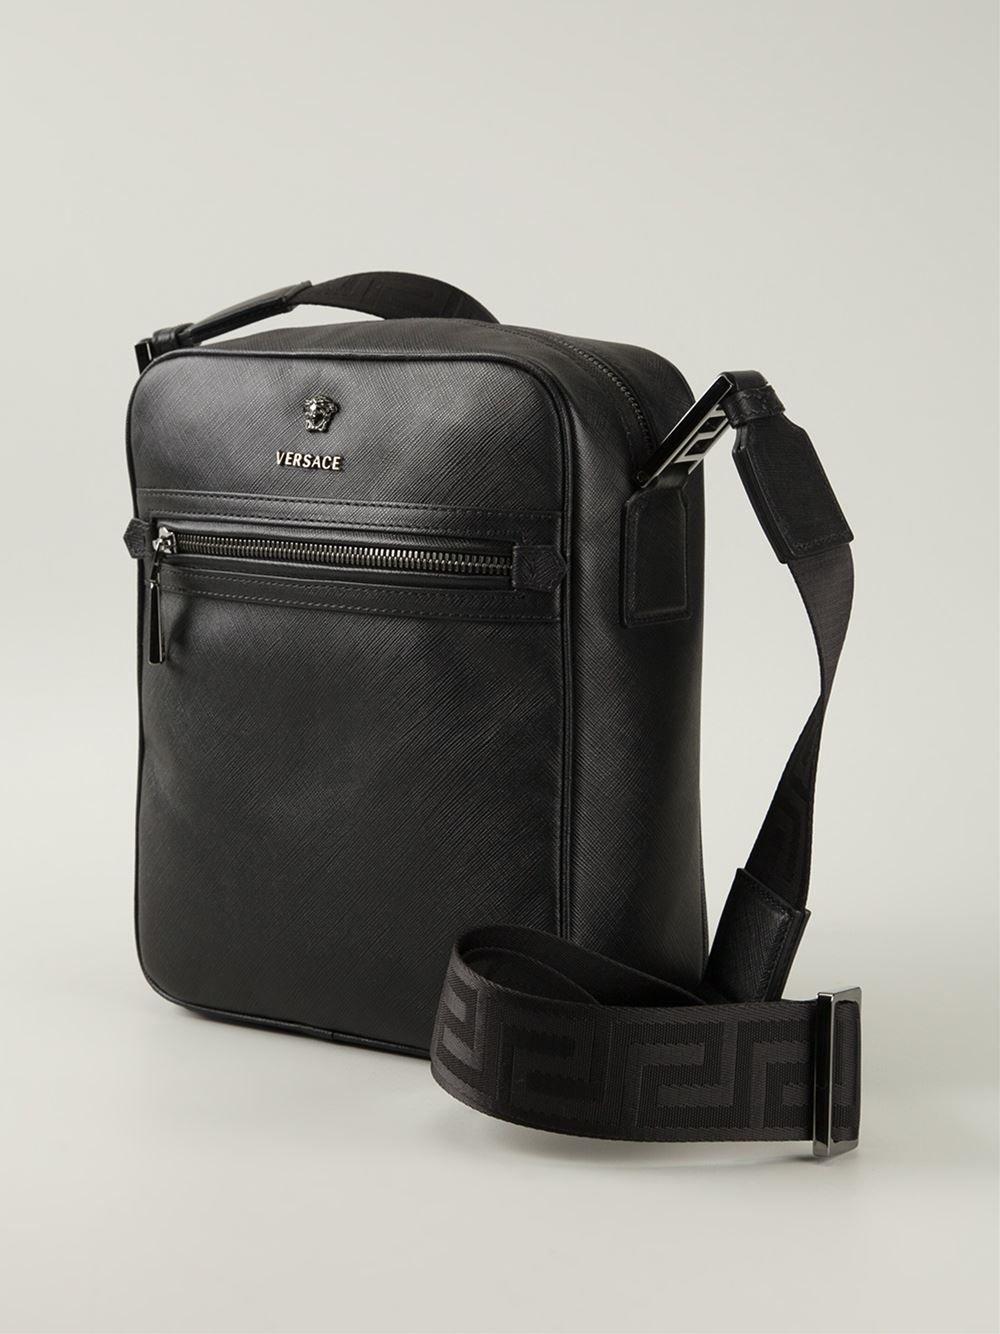 Versace Medusa Messenger Bag - Luisa Boutique - Farfetch.com  cbc751a4b5402